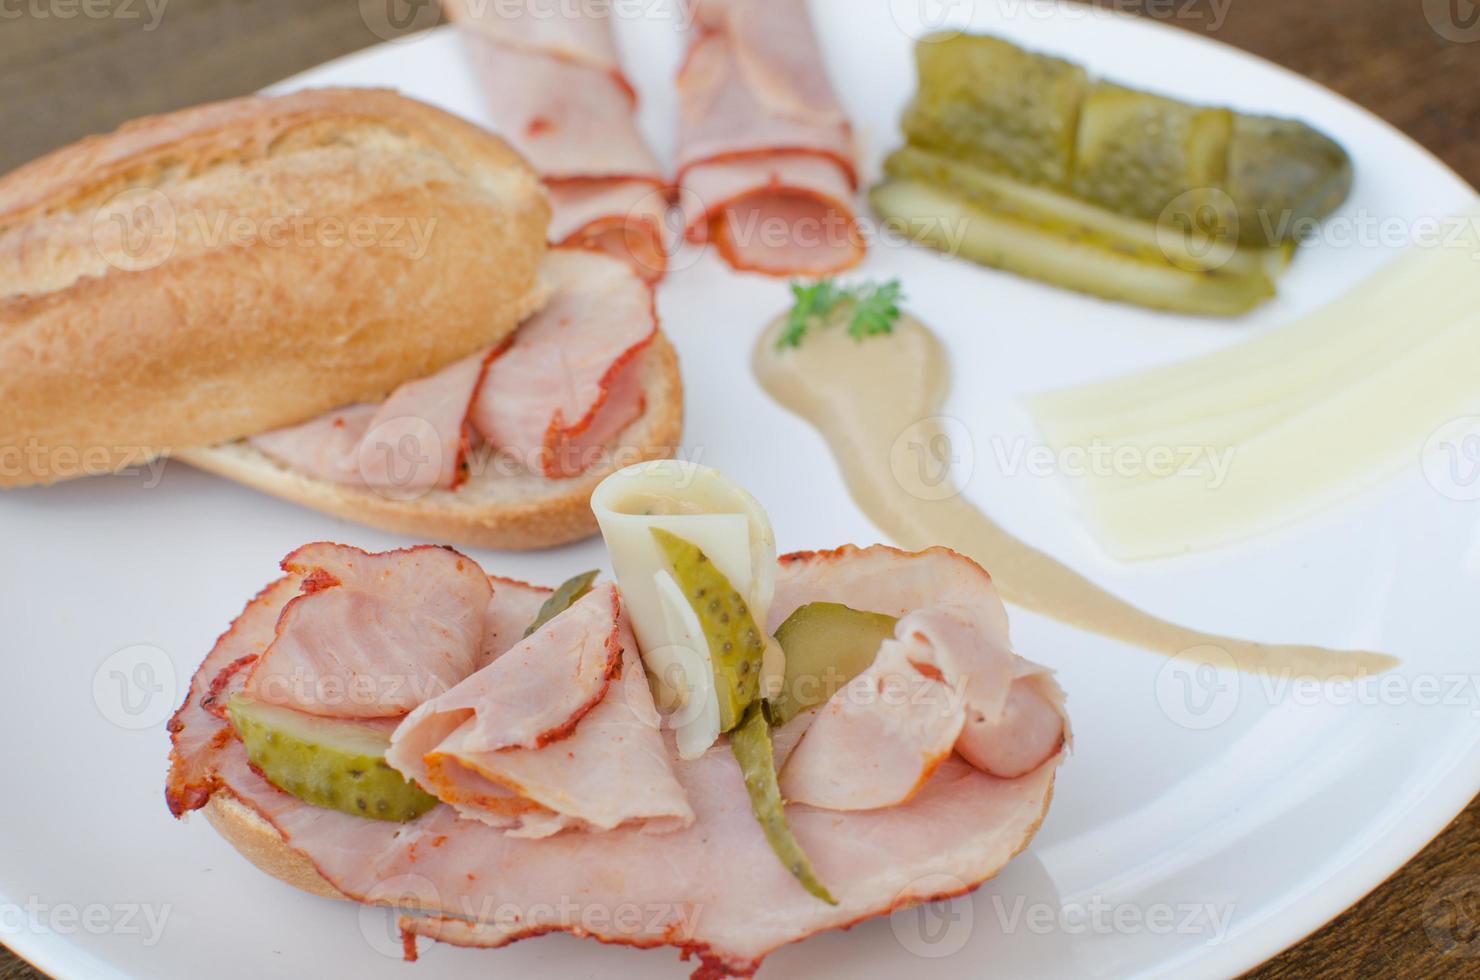 sanduíche aberto com queijo, baqueta, presunto foto